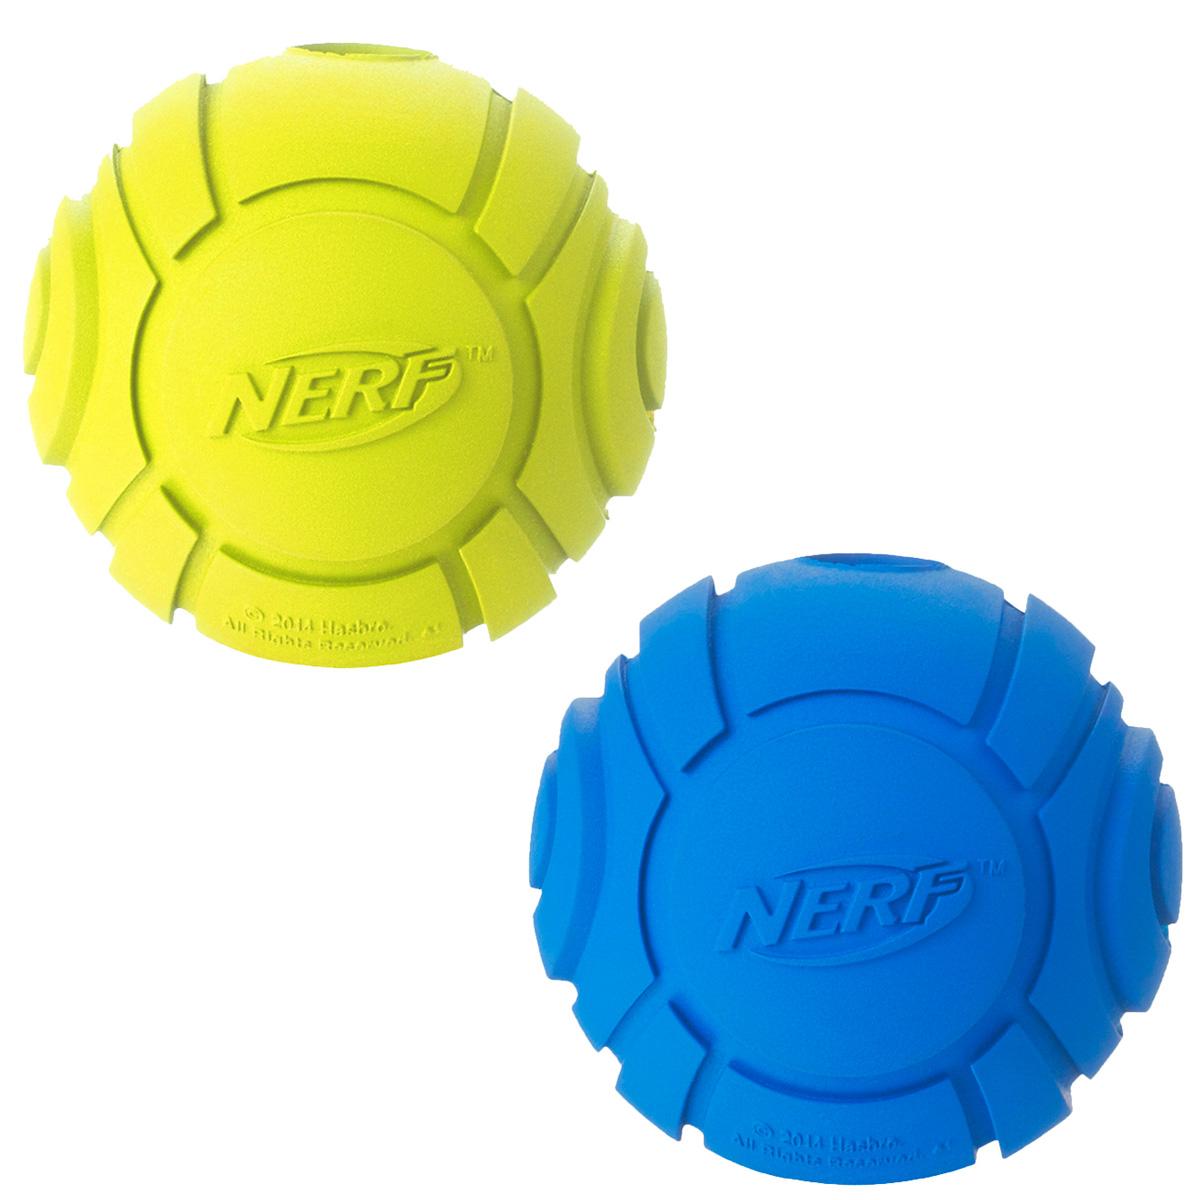 Игрушка для собак Nerf Мяч, рифленый, 6 см, 2 шт18814Мячи Nerf выполнены из сверхпрочной резины. Оптимальны для игры с собакой дома и на свежем воздухе.Подходят собакам с самой мощной челюстью.Высококачественные прочные материалы, из которых изготовлены игрушки, обеспечивают долговечность использования.Яркие привлекательные цвета.Размер S: 6 см.